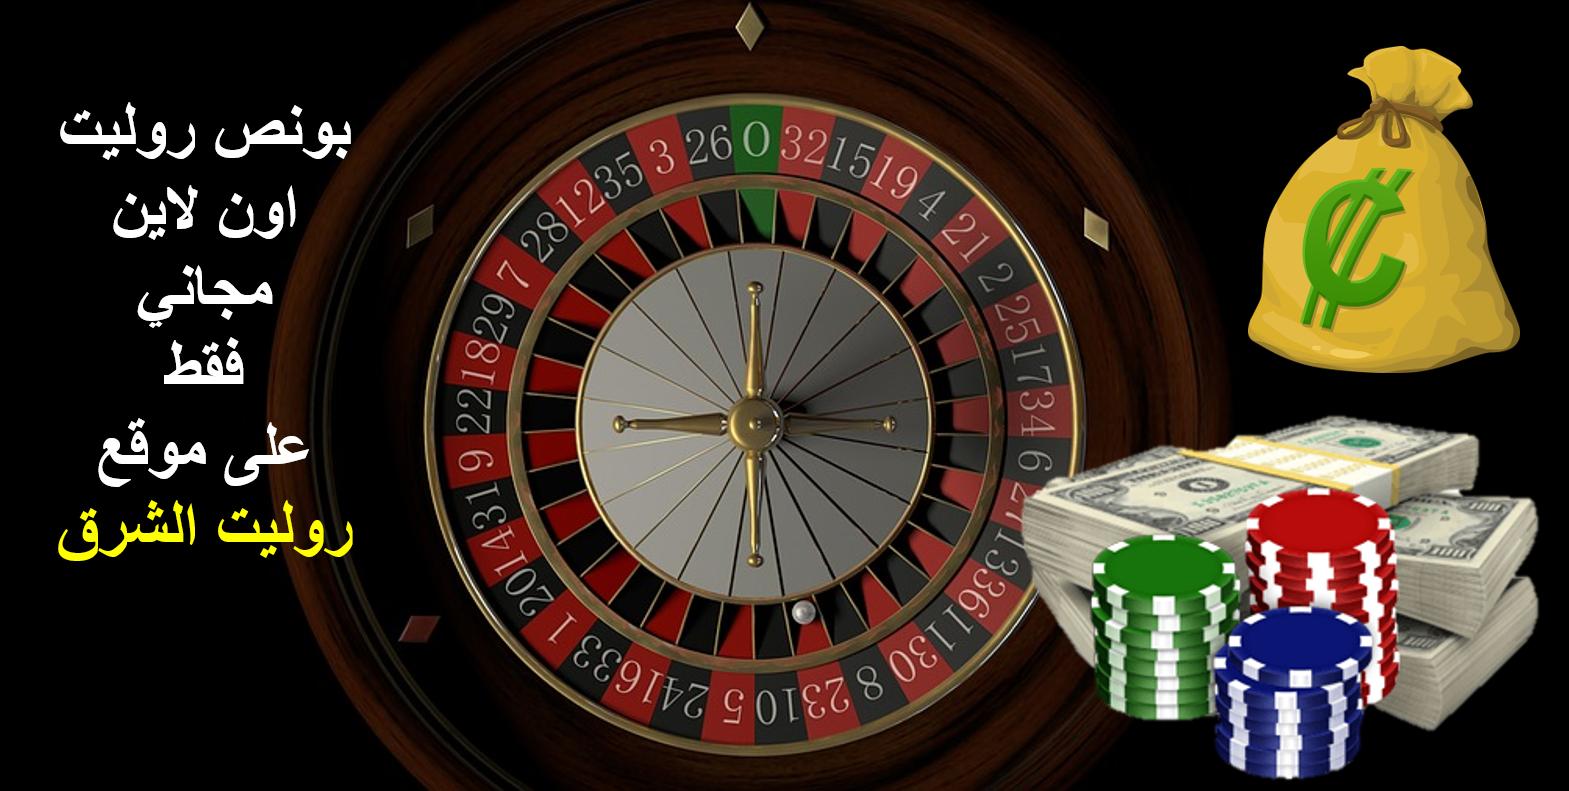 العاب لربح المال - 78693